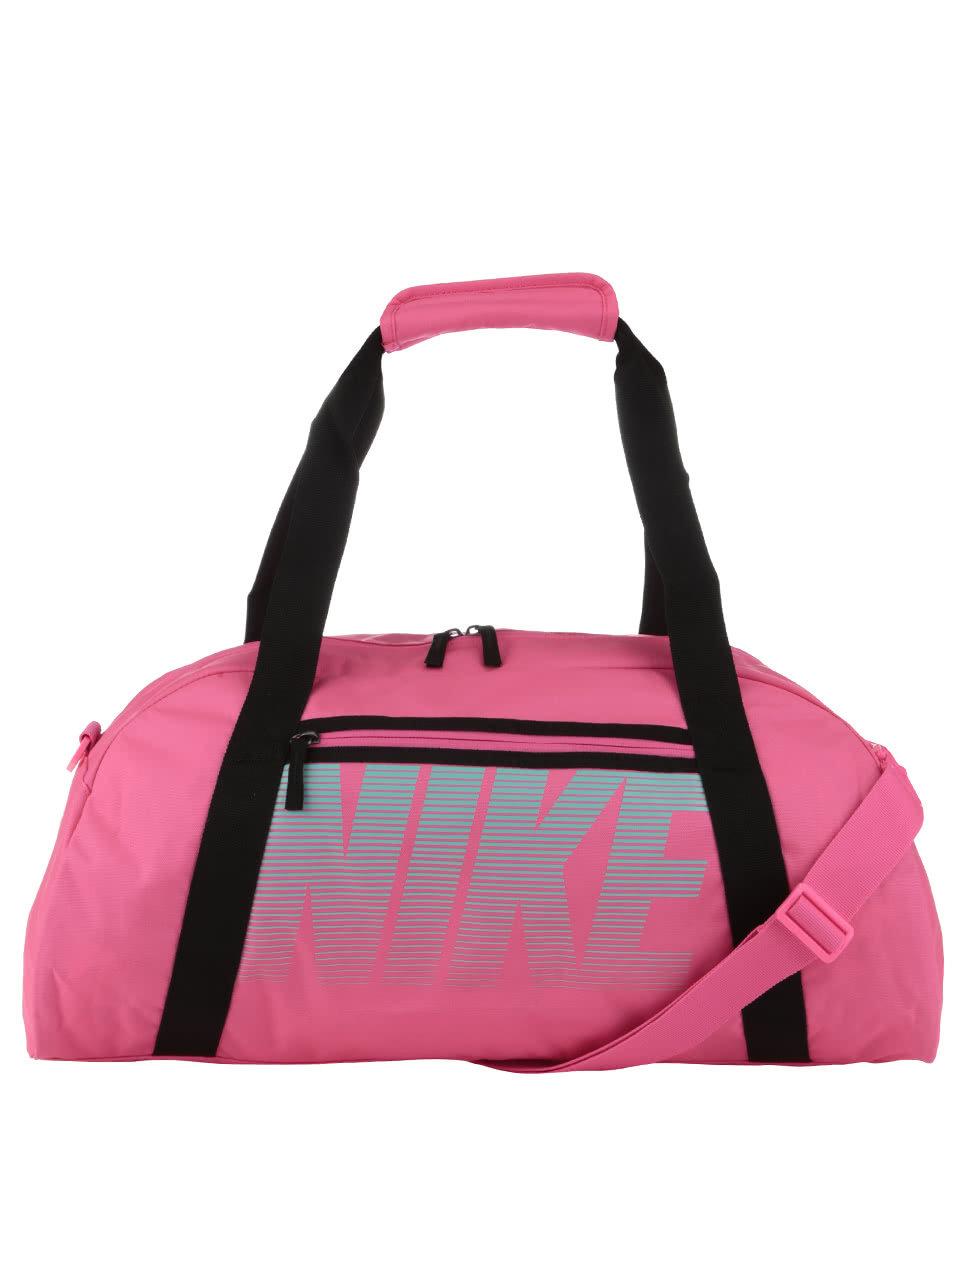 Neonově růžová sportovní taška Nike ... d8f03685840